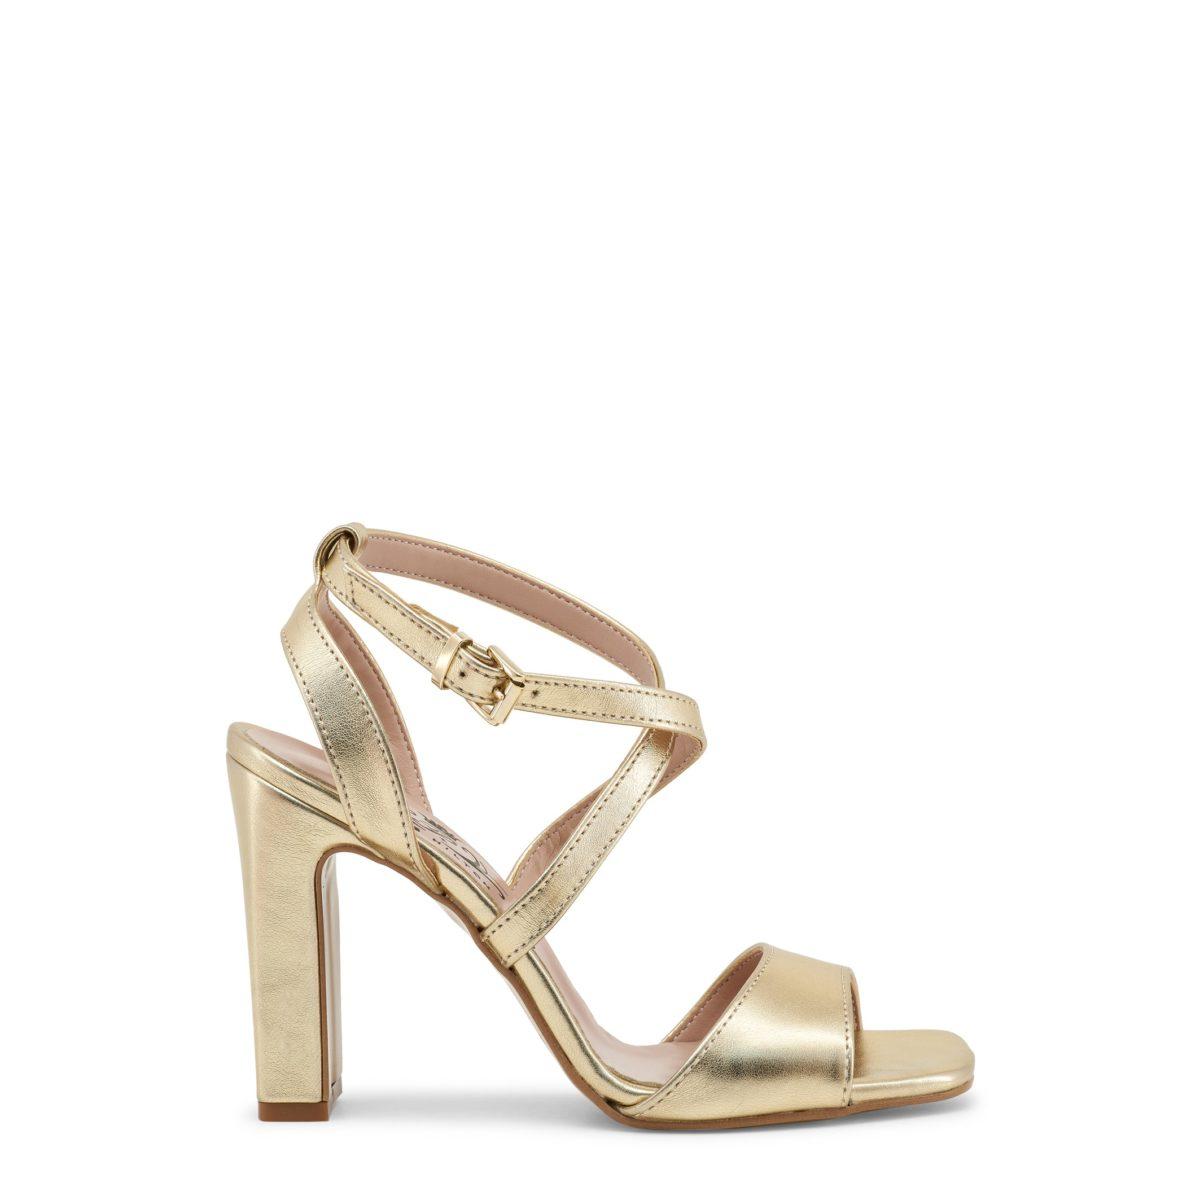 le rapport qualité prix le prix reste stable caractéristiques exceptionnelles Sandales à talon épais dorées Paris Hilton